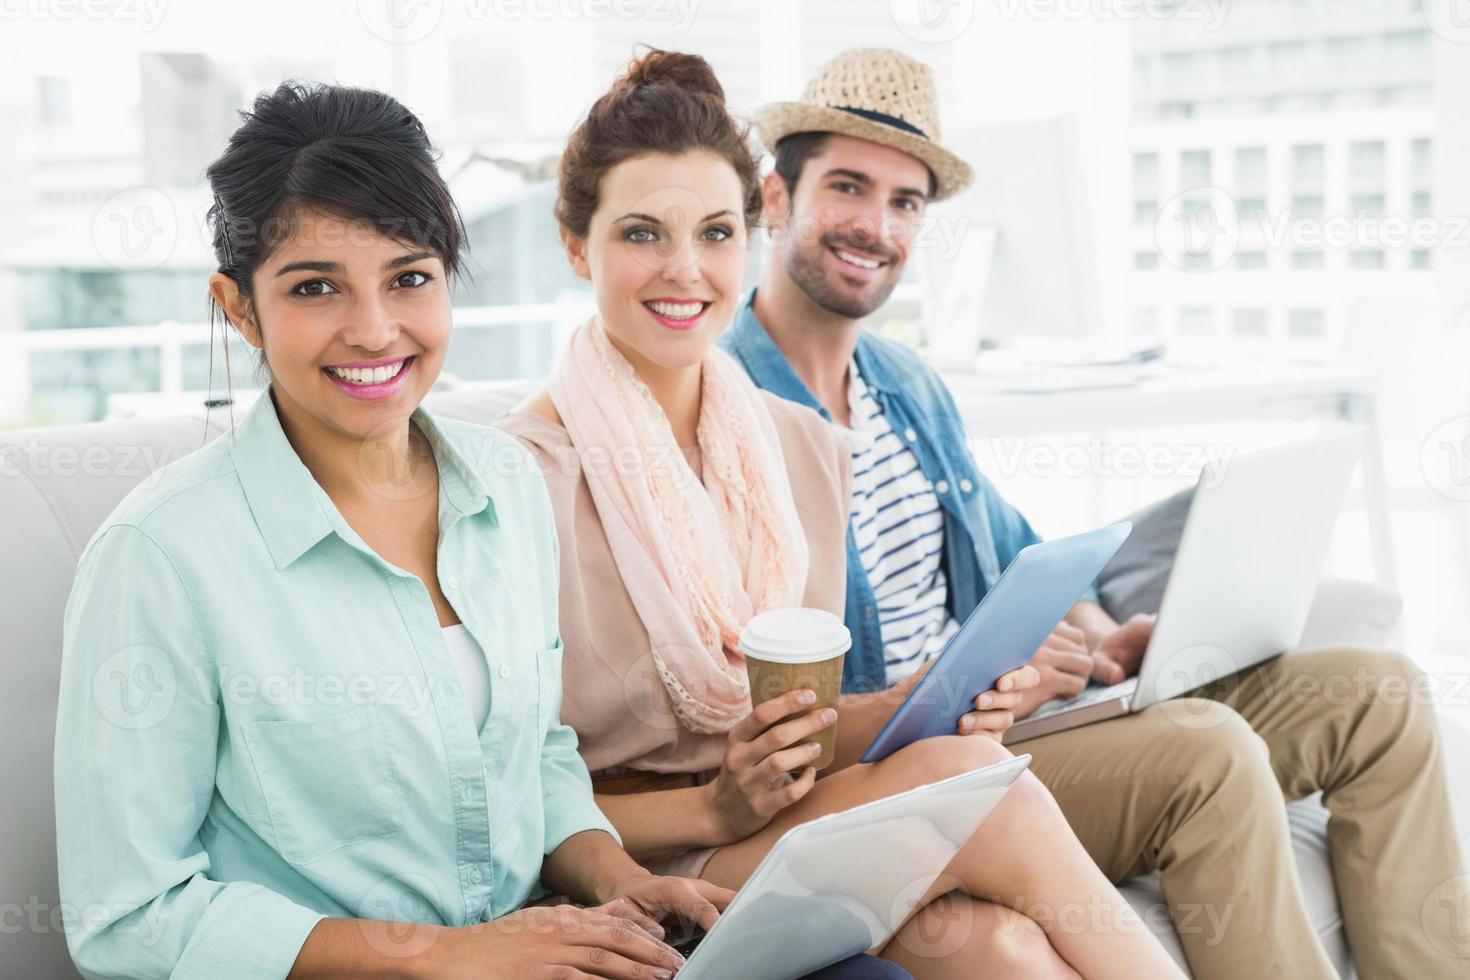 travail d'équipe souriant assis sur un canapé en regardant la caméra photo